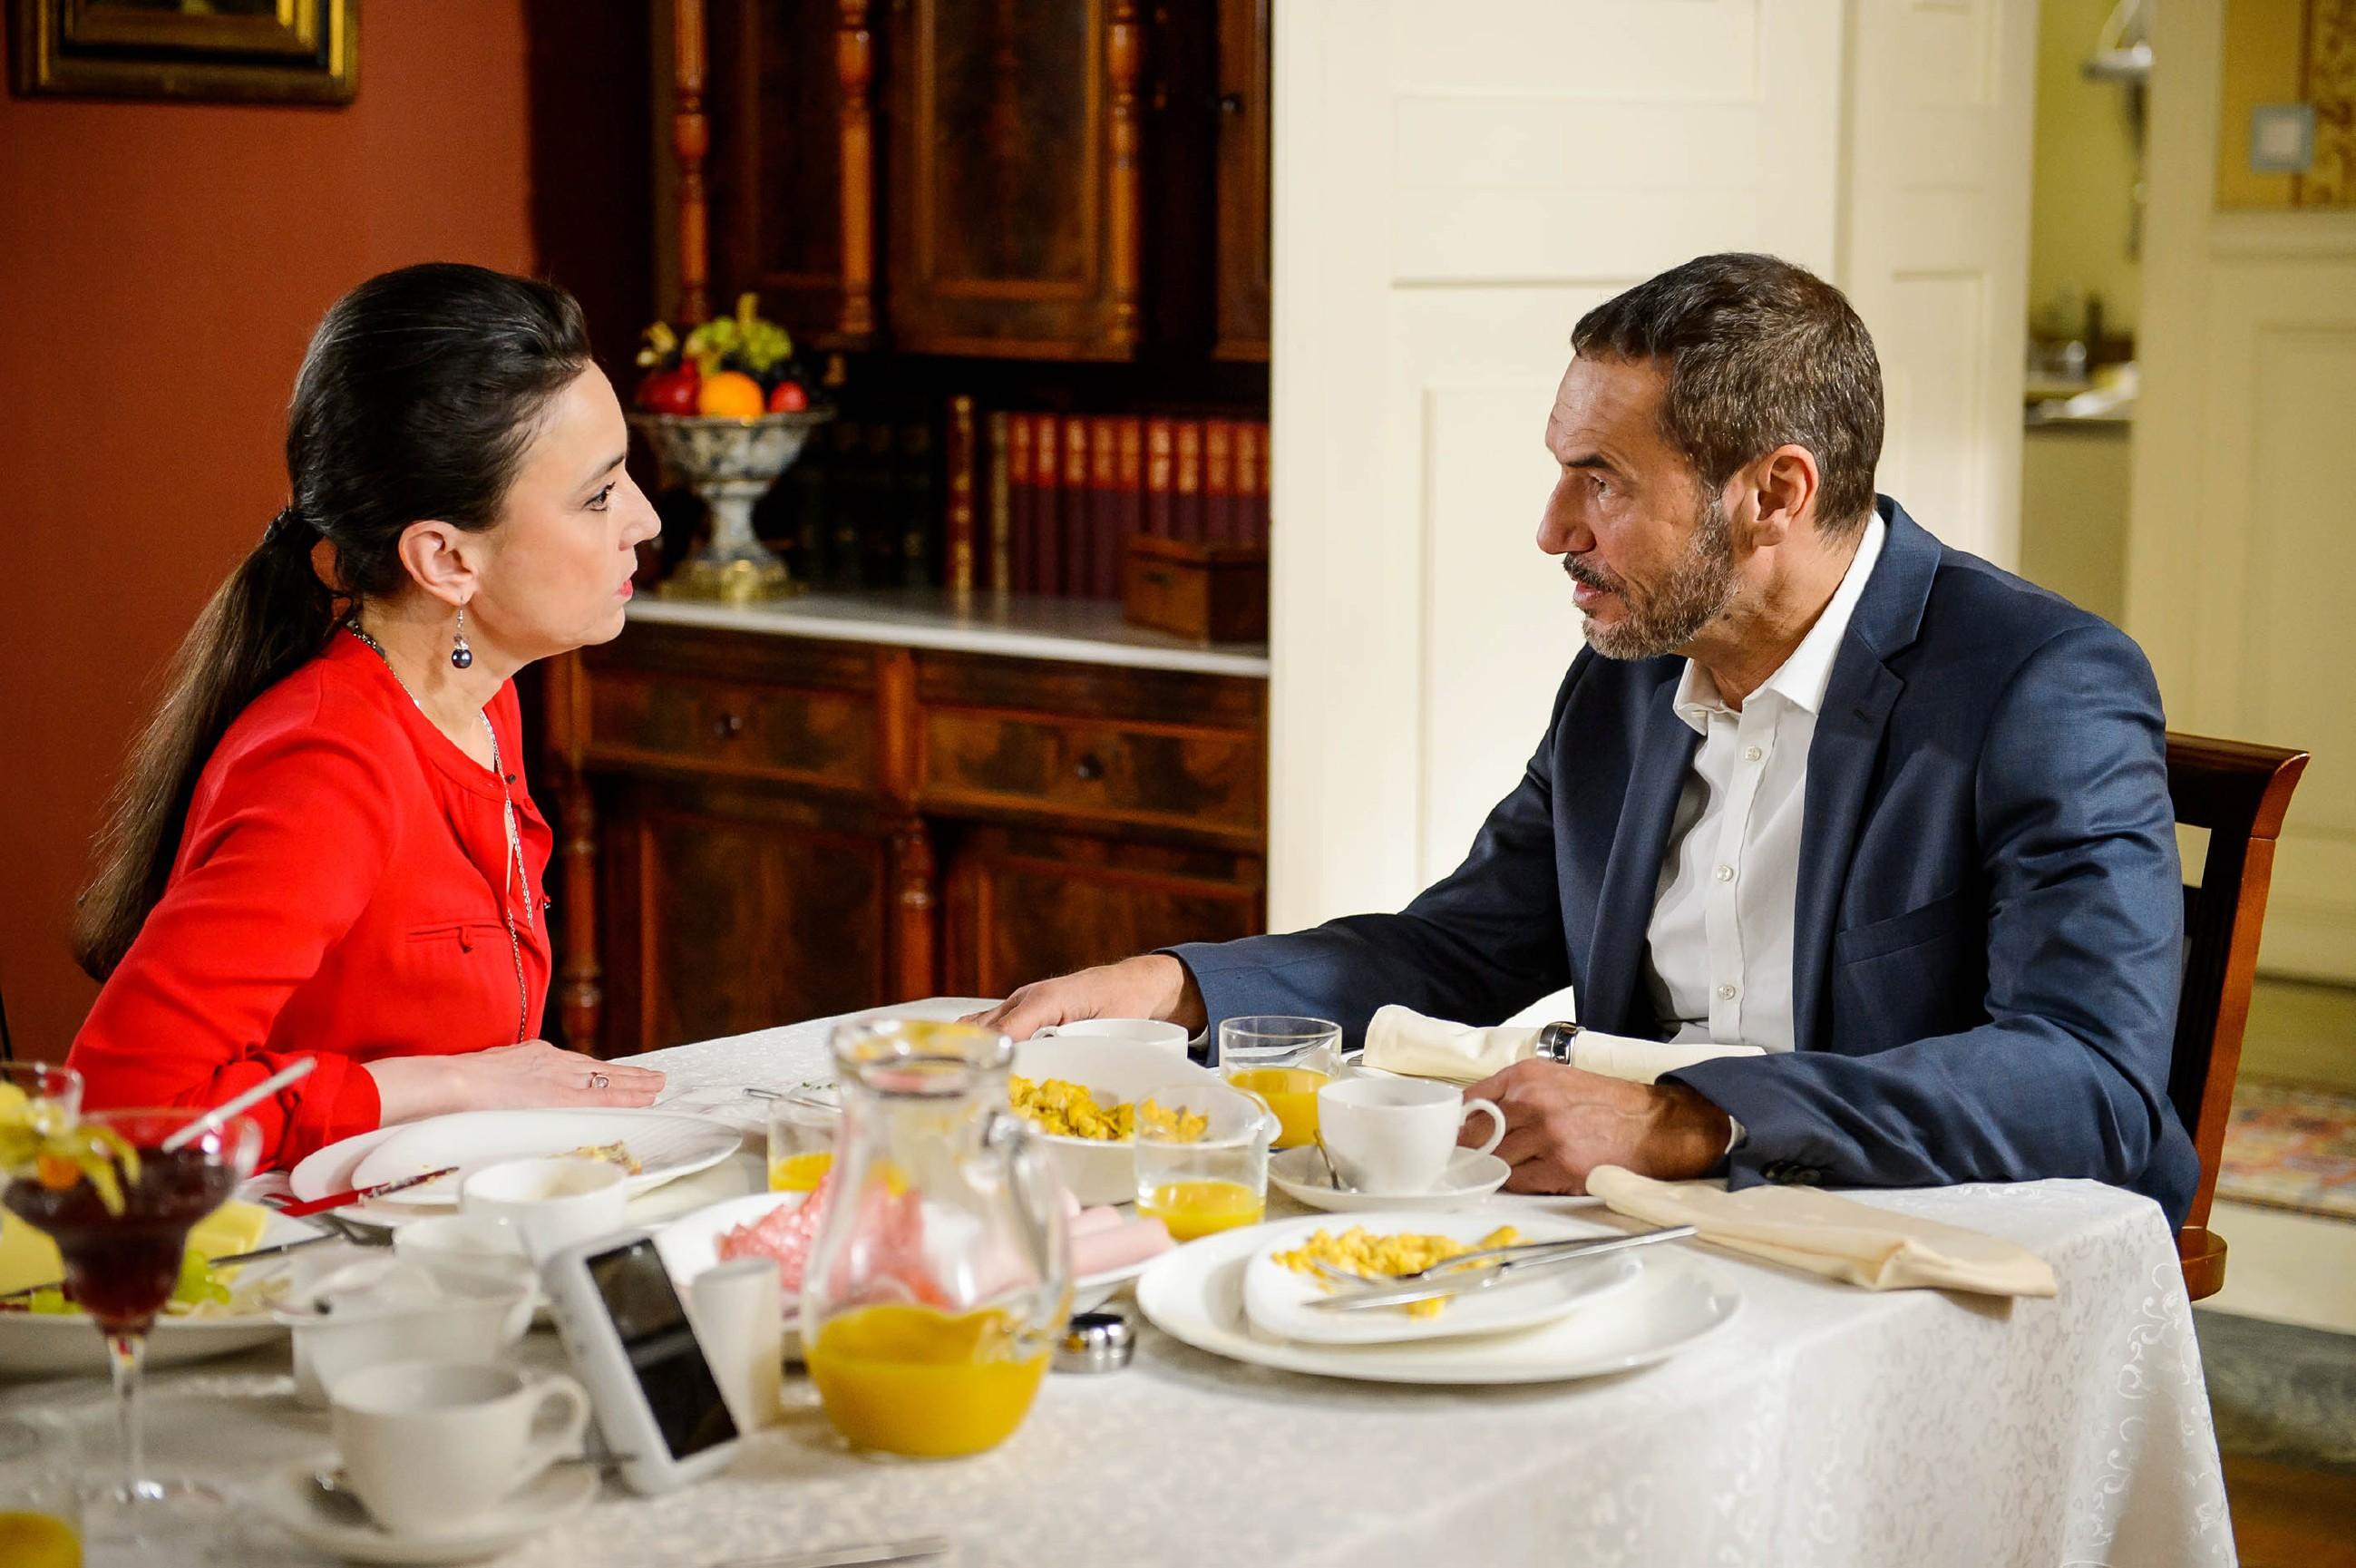 Als Richard (Silvan-Pierre Leirich) Simone (Tatjana Clasing) in Maximilians V-Mann Tätigkeit einweiht, ist diese überzeugt, dass Maximilian Vincent zu Unrecht beschuldigt. (Quelle: RTL / Willi Weber)